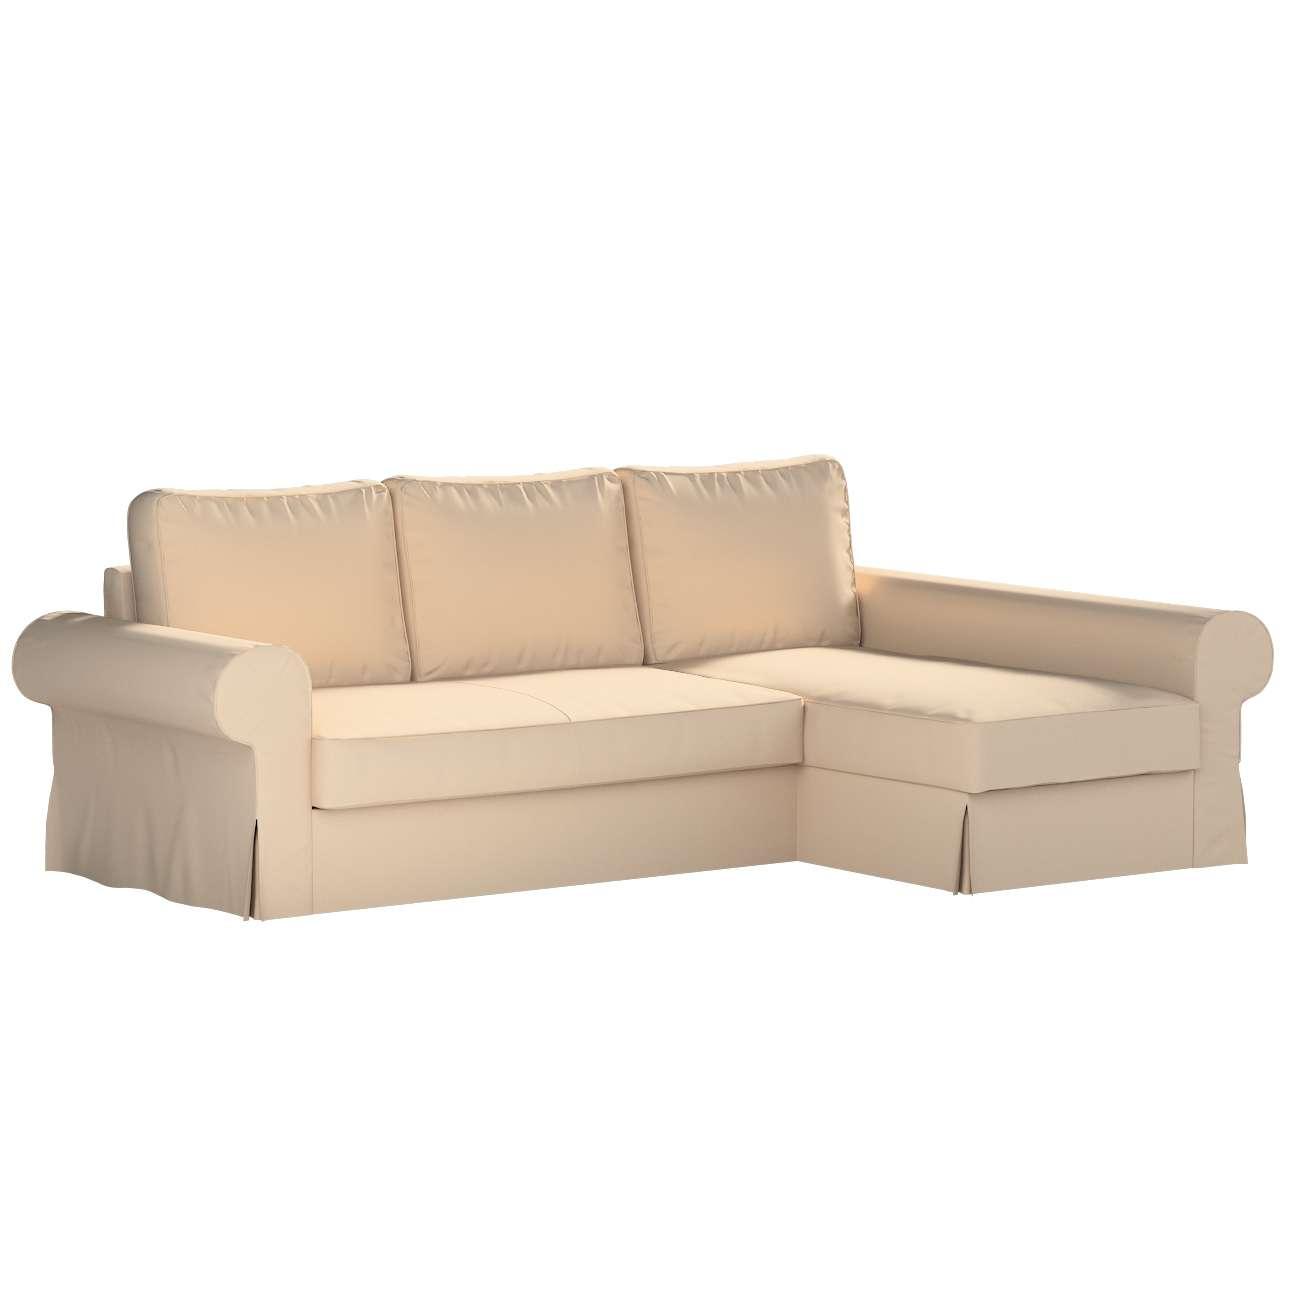 Pokrowiec na sofę Backabro rozkładaną z leżanką w kolekcji Living, tkanina: 160-61